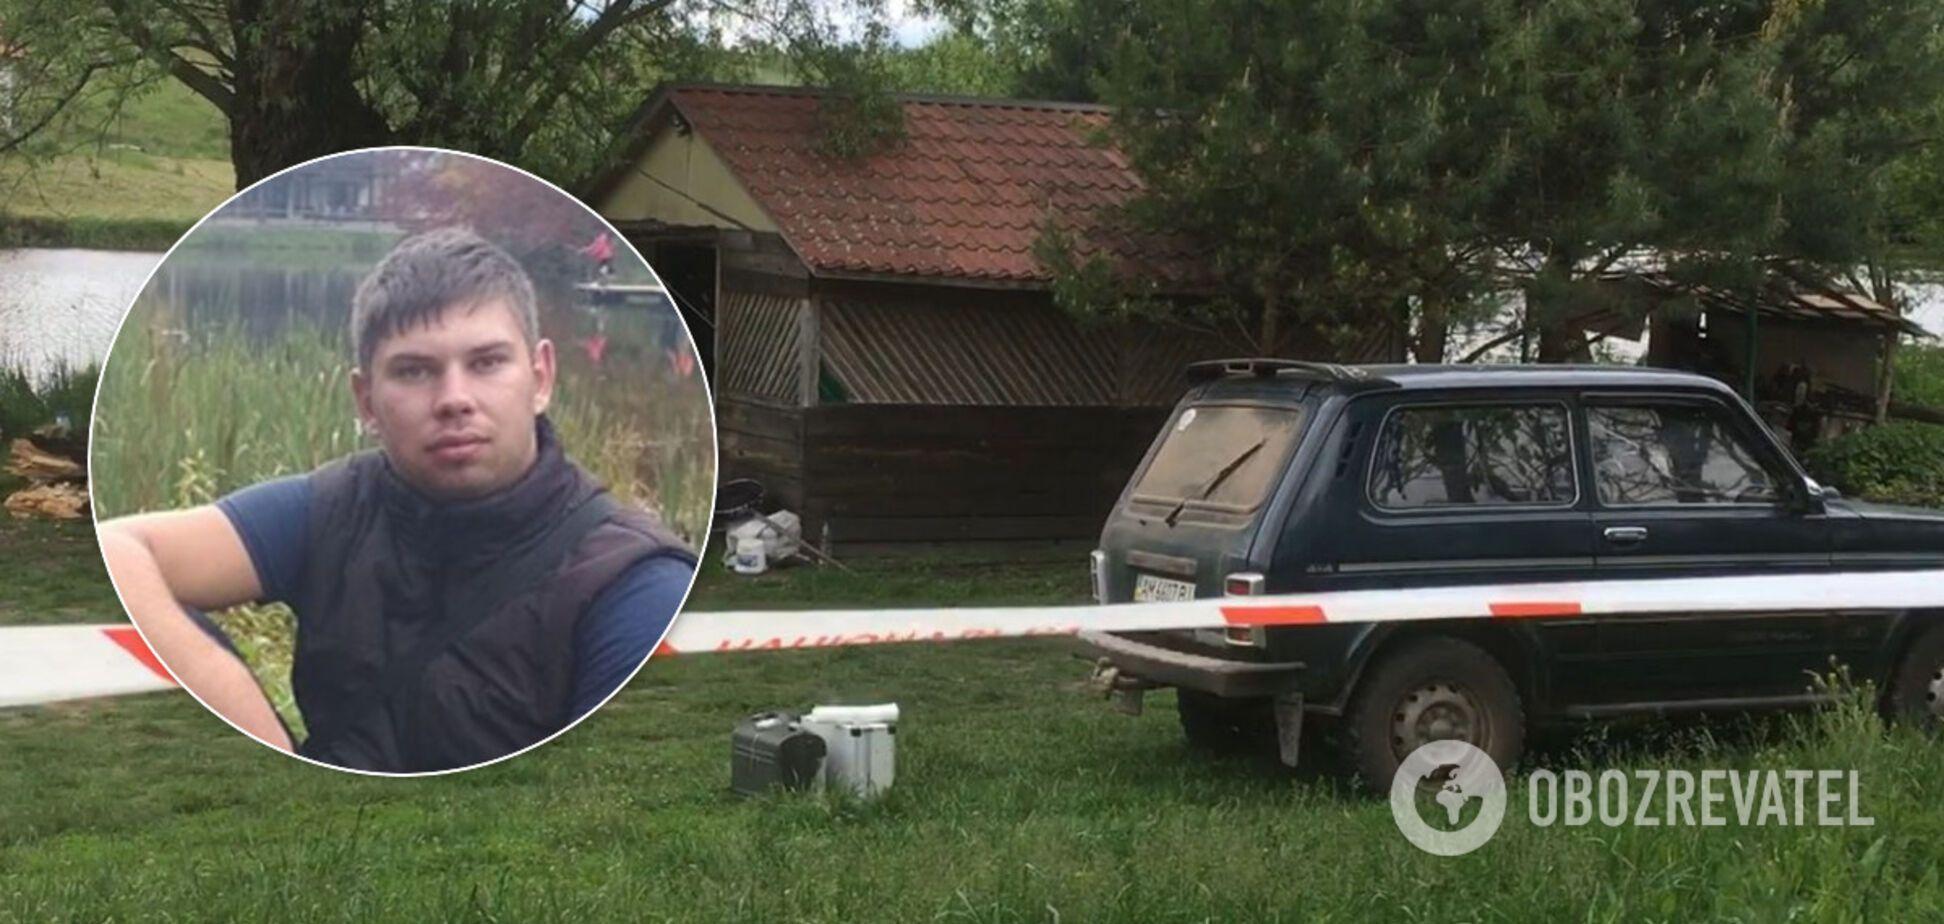 Масове вбивство на Житомирщині: син стрільця розкрив подробиці трагедії